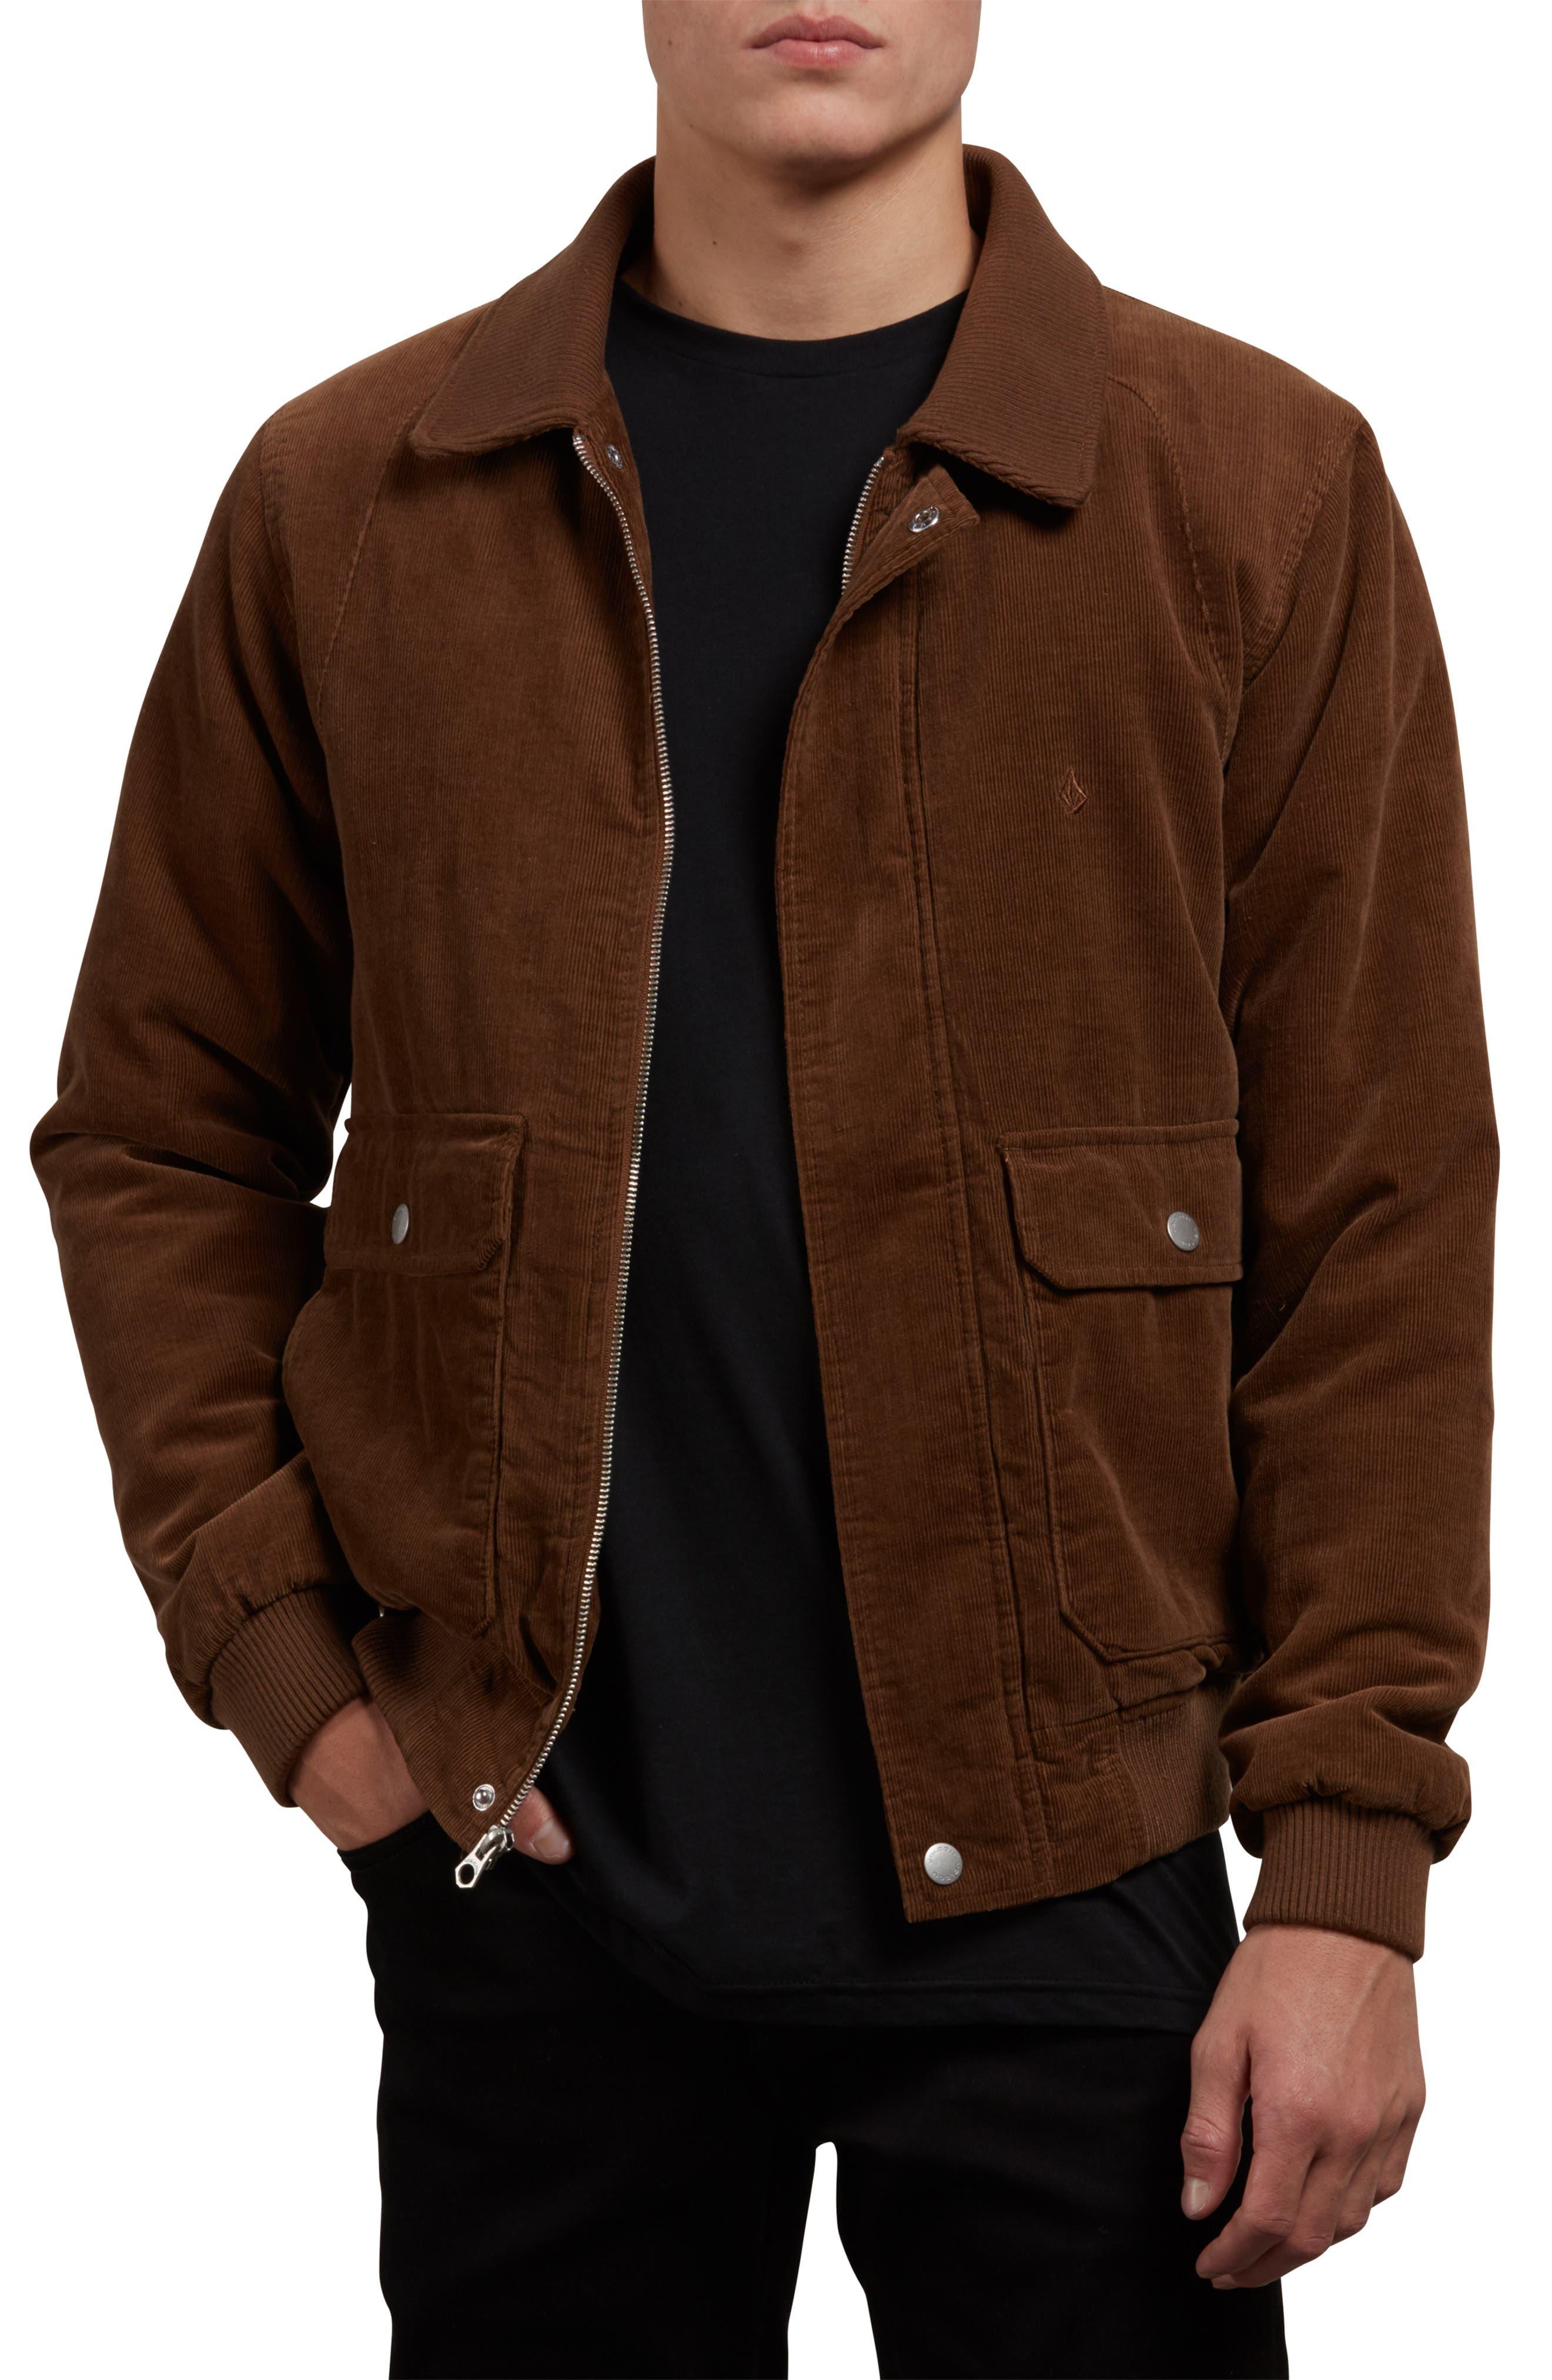 Domjohn Corduroy Jacket,                             Main thumbnail 1, color,                             MUD